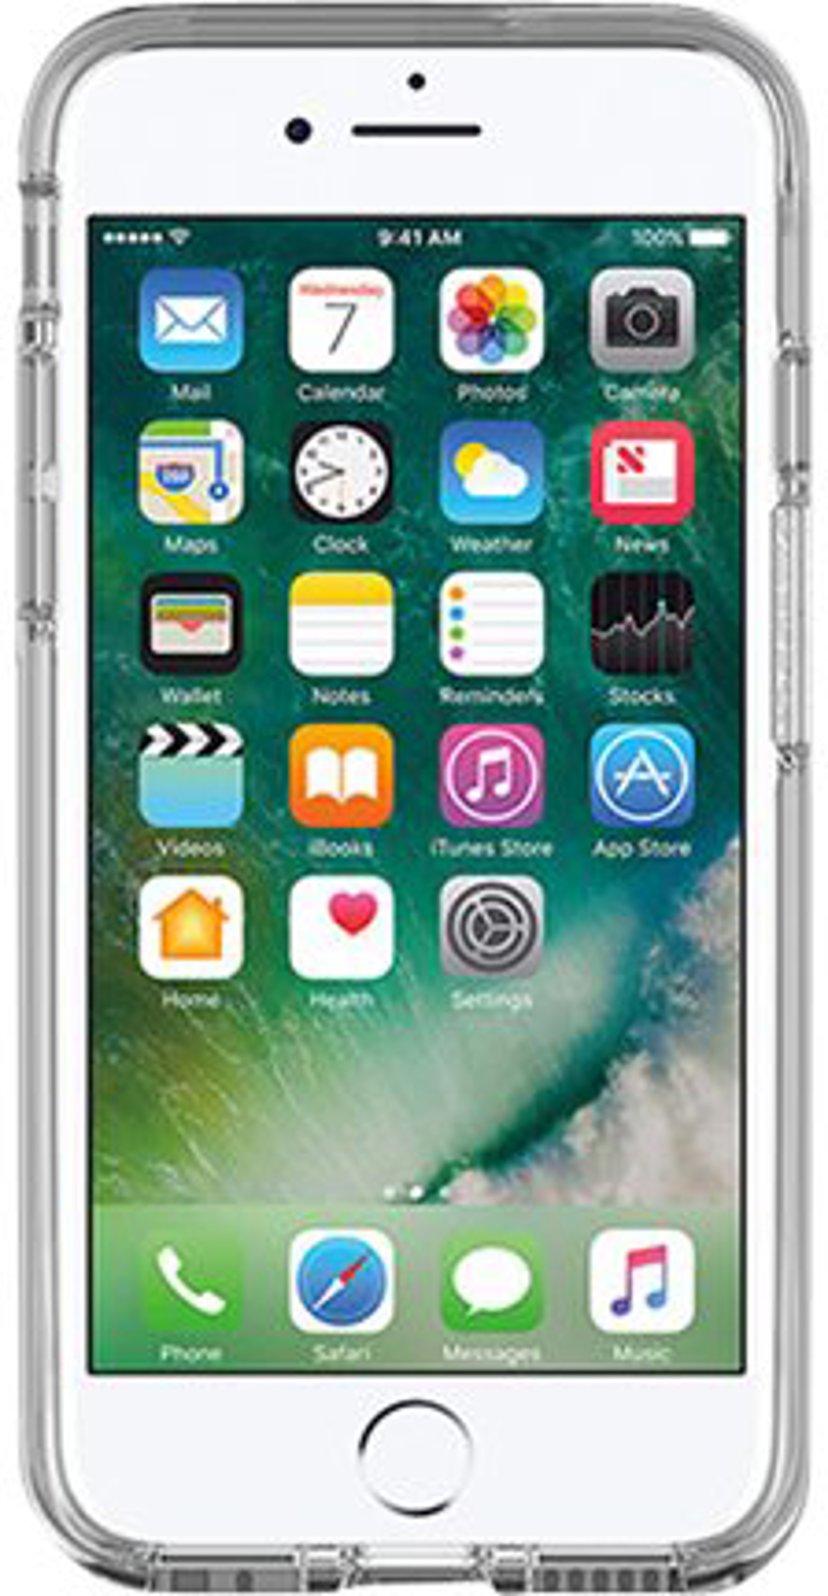 Otterbox Symmetry Series Apple iPhone 7 baksidesskydd för mobiltelefon Klar kristall